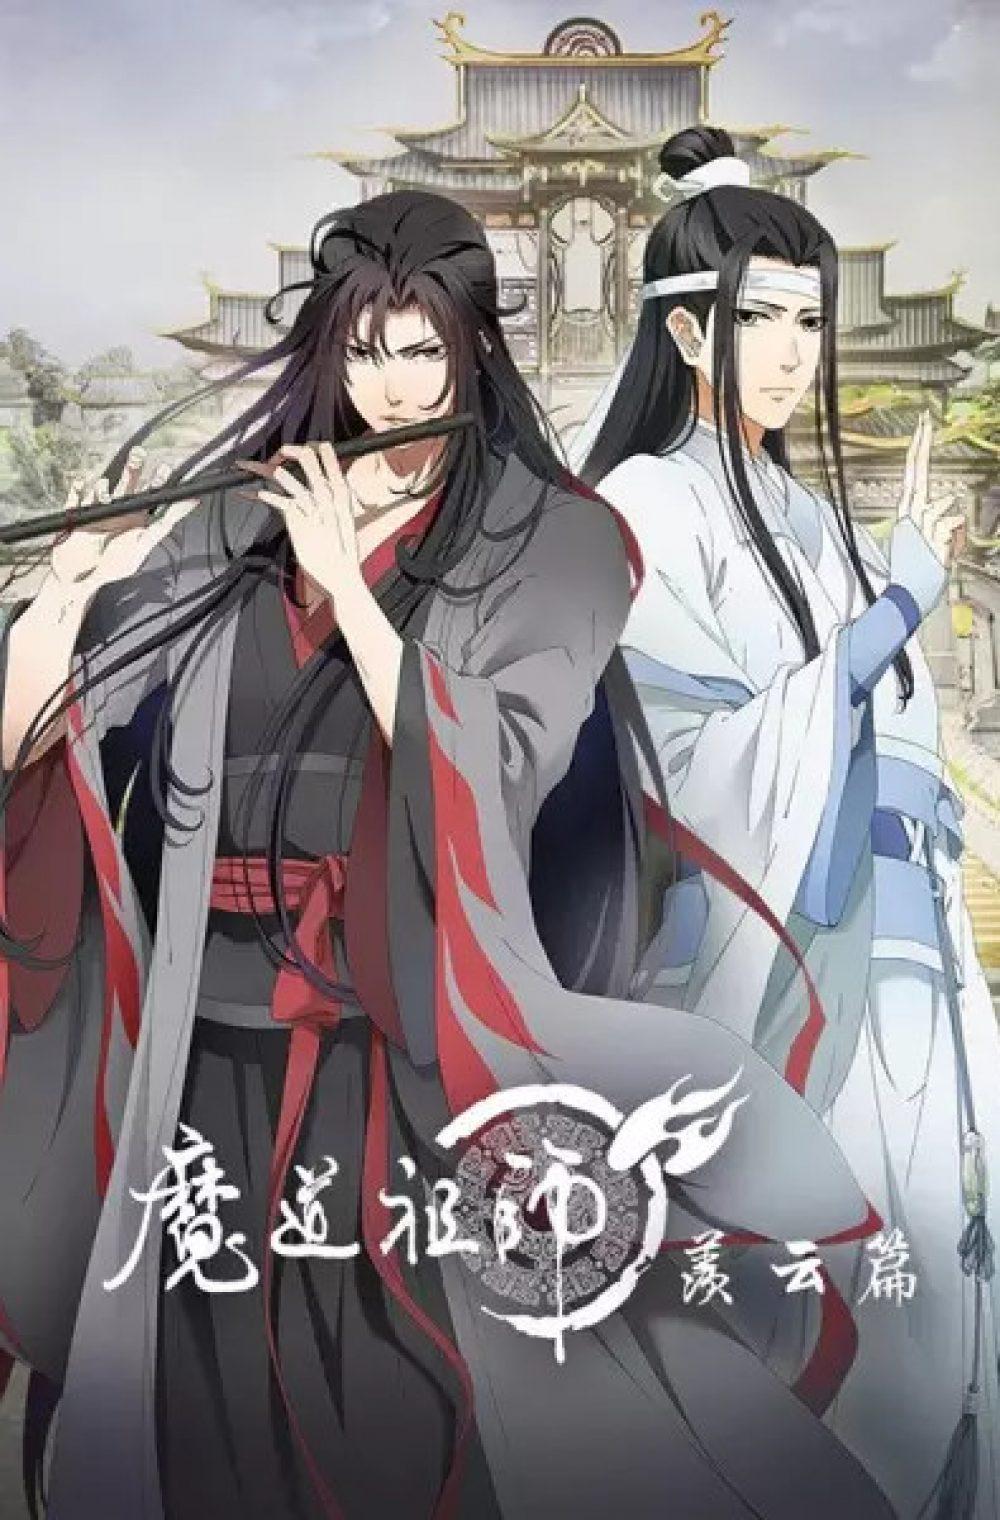 Mo Dao Zu Shi Season 2: Xian Yun Pian (Japanese Dub)